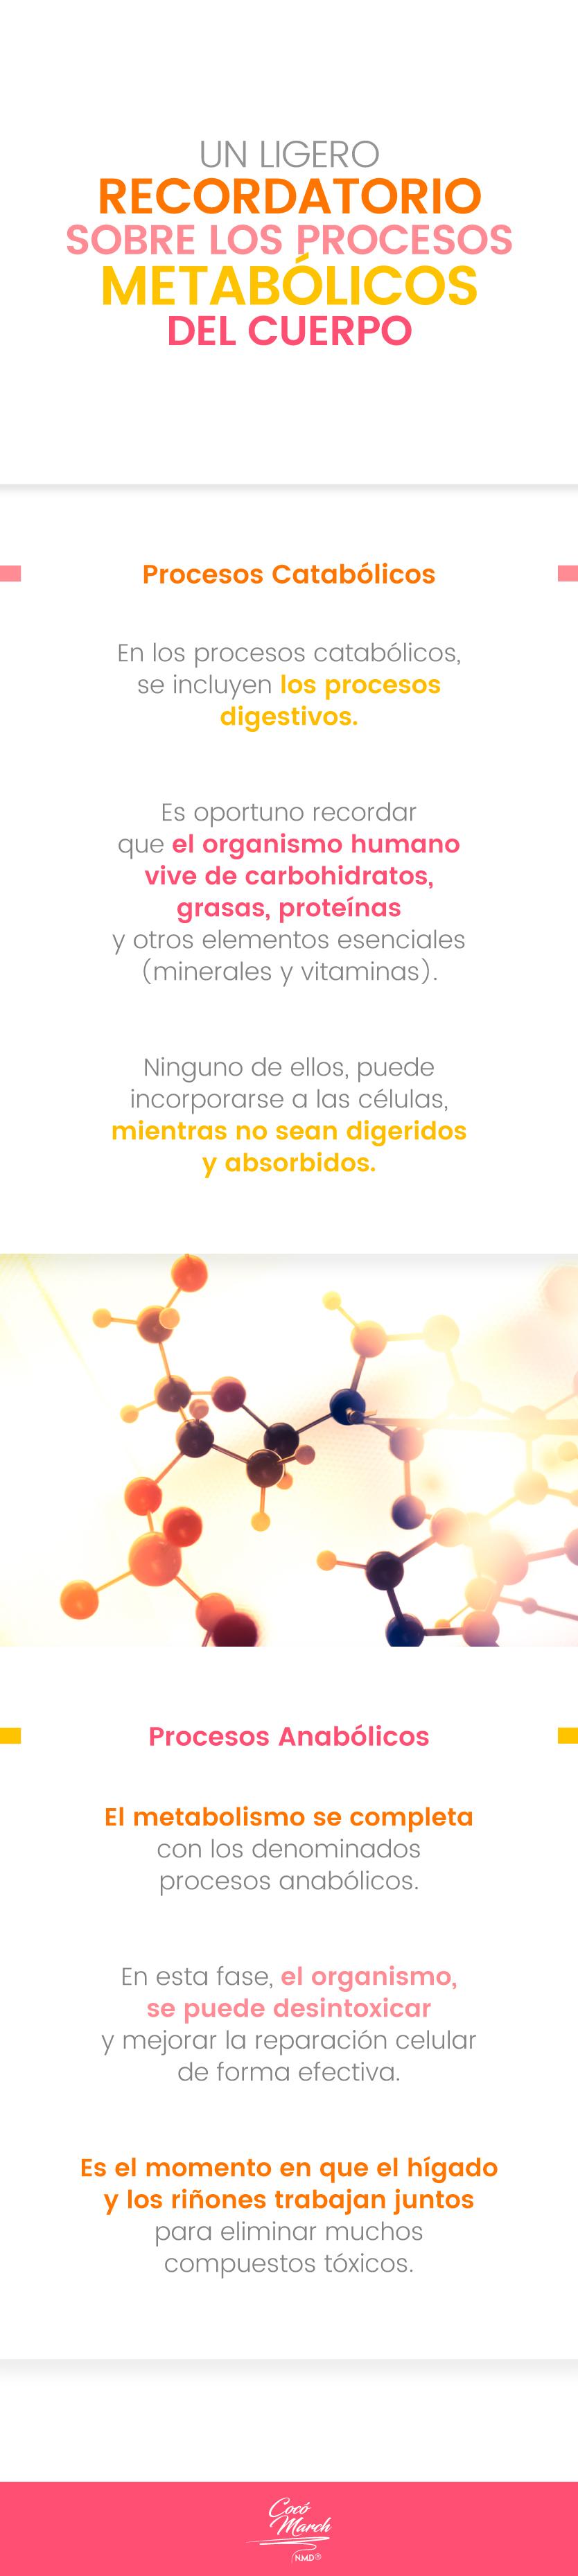 procesos-metabolicos-del-cuerpo